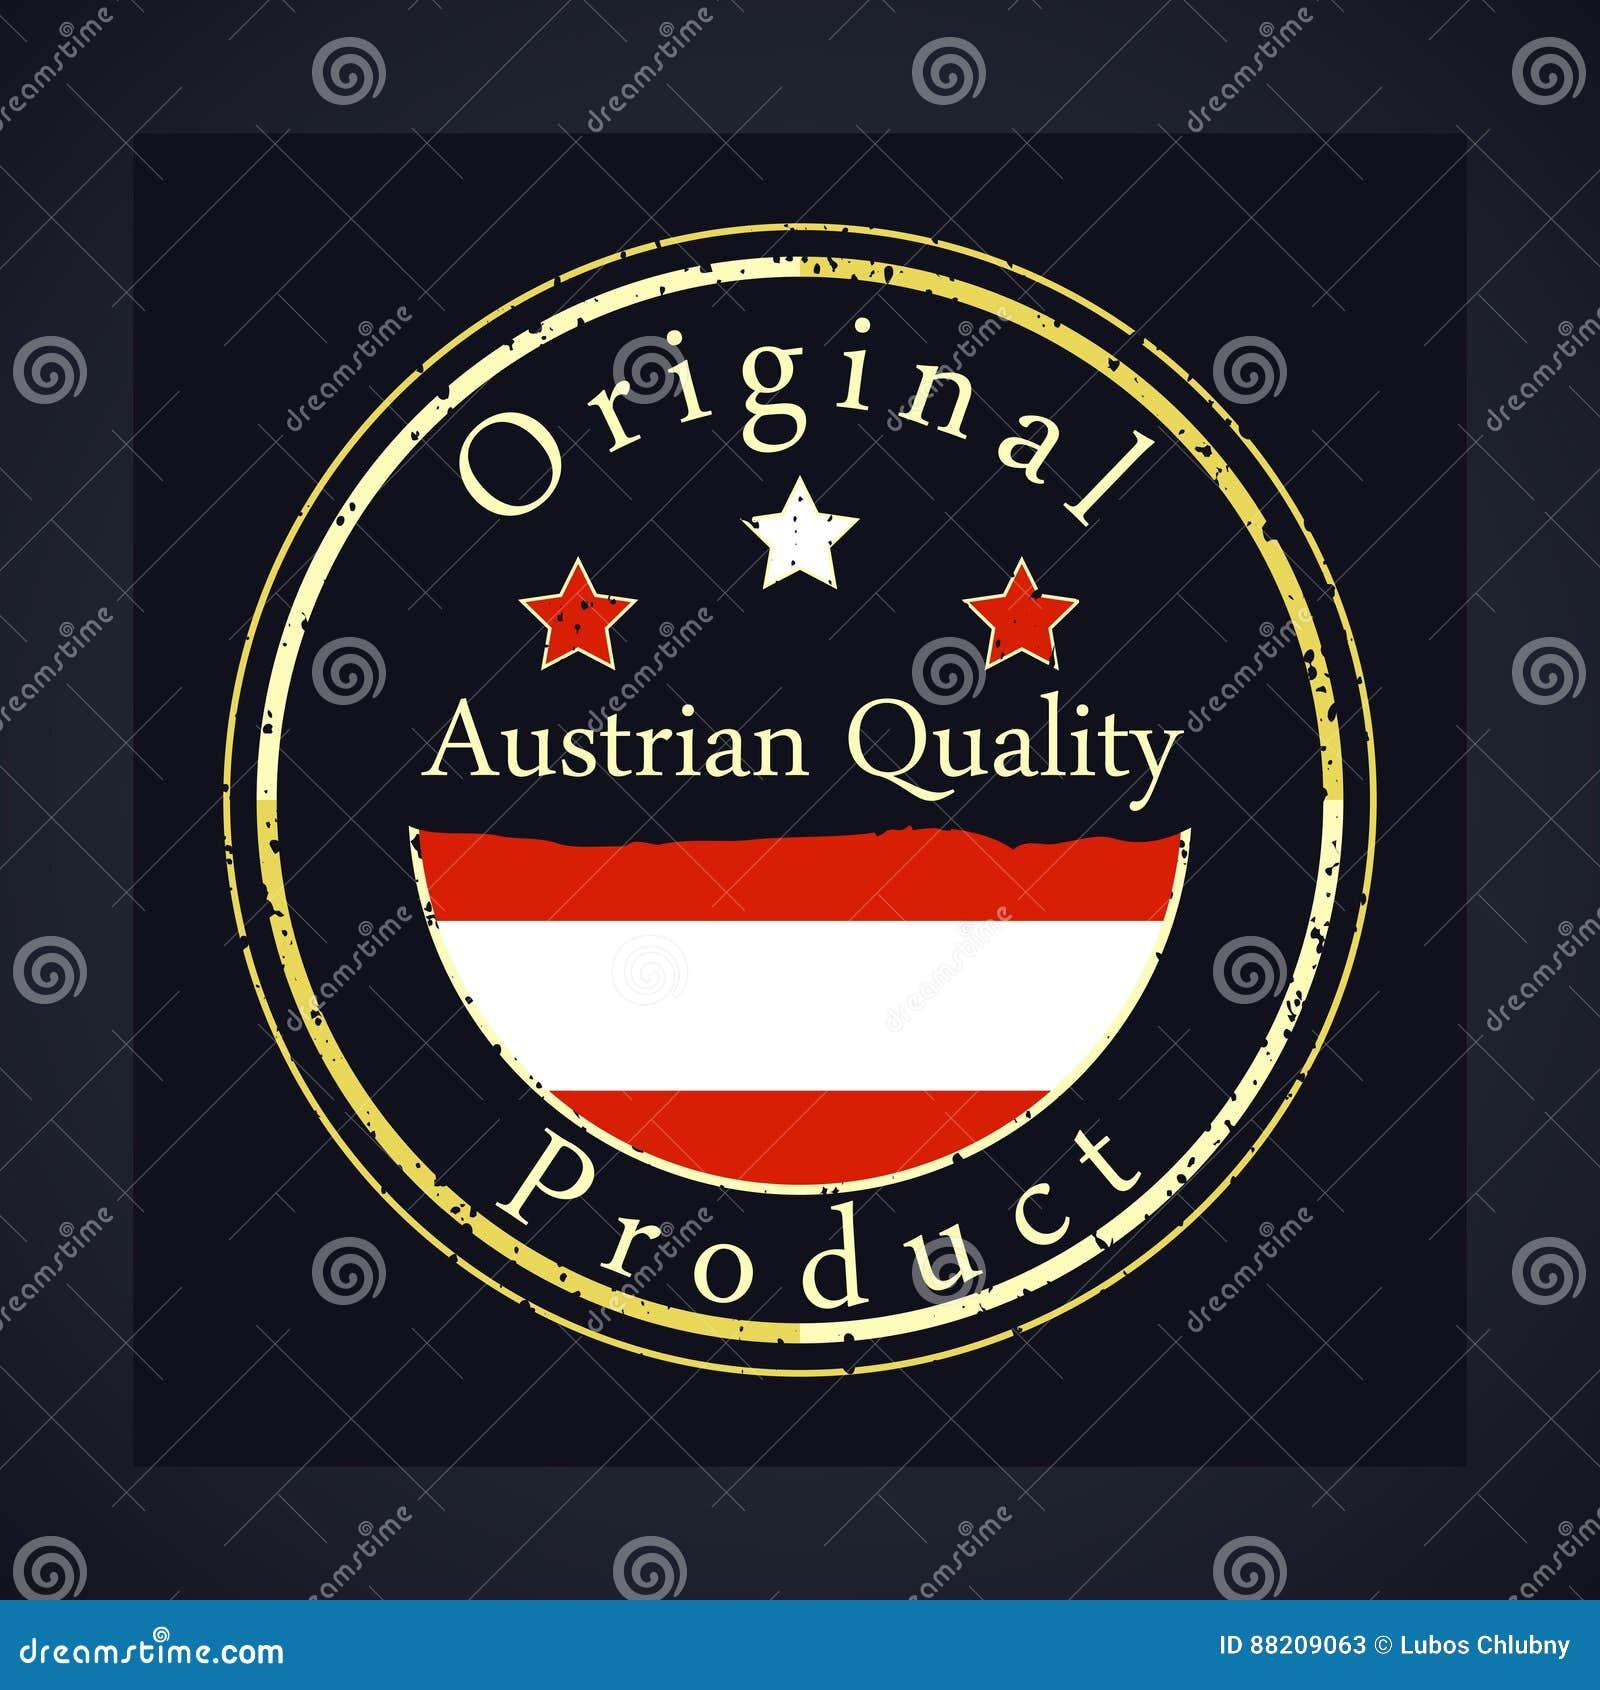 Goldschmutzstempel mit der österreichischen Qualität des Textes und dem ursprünglichen Produkt